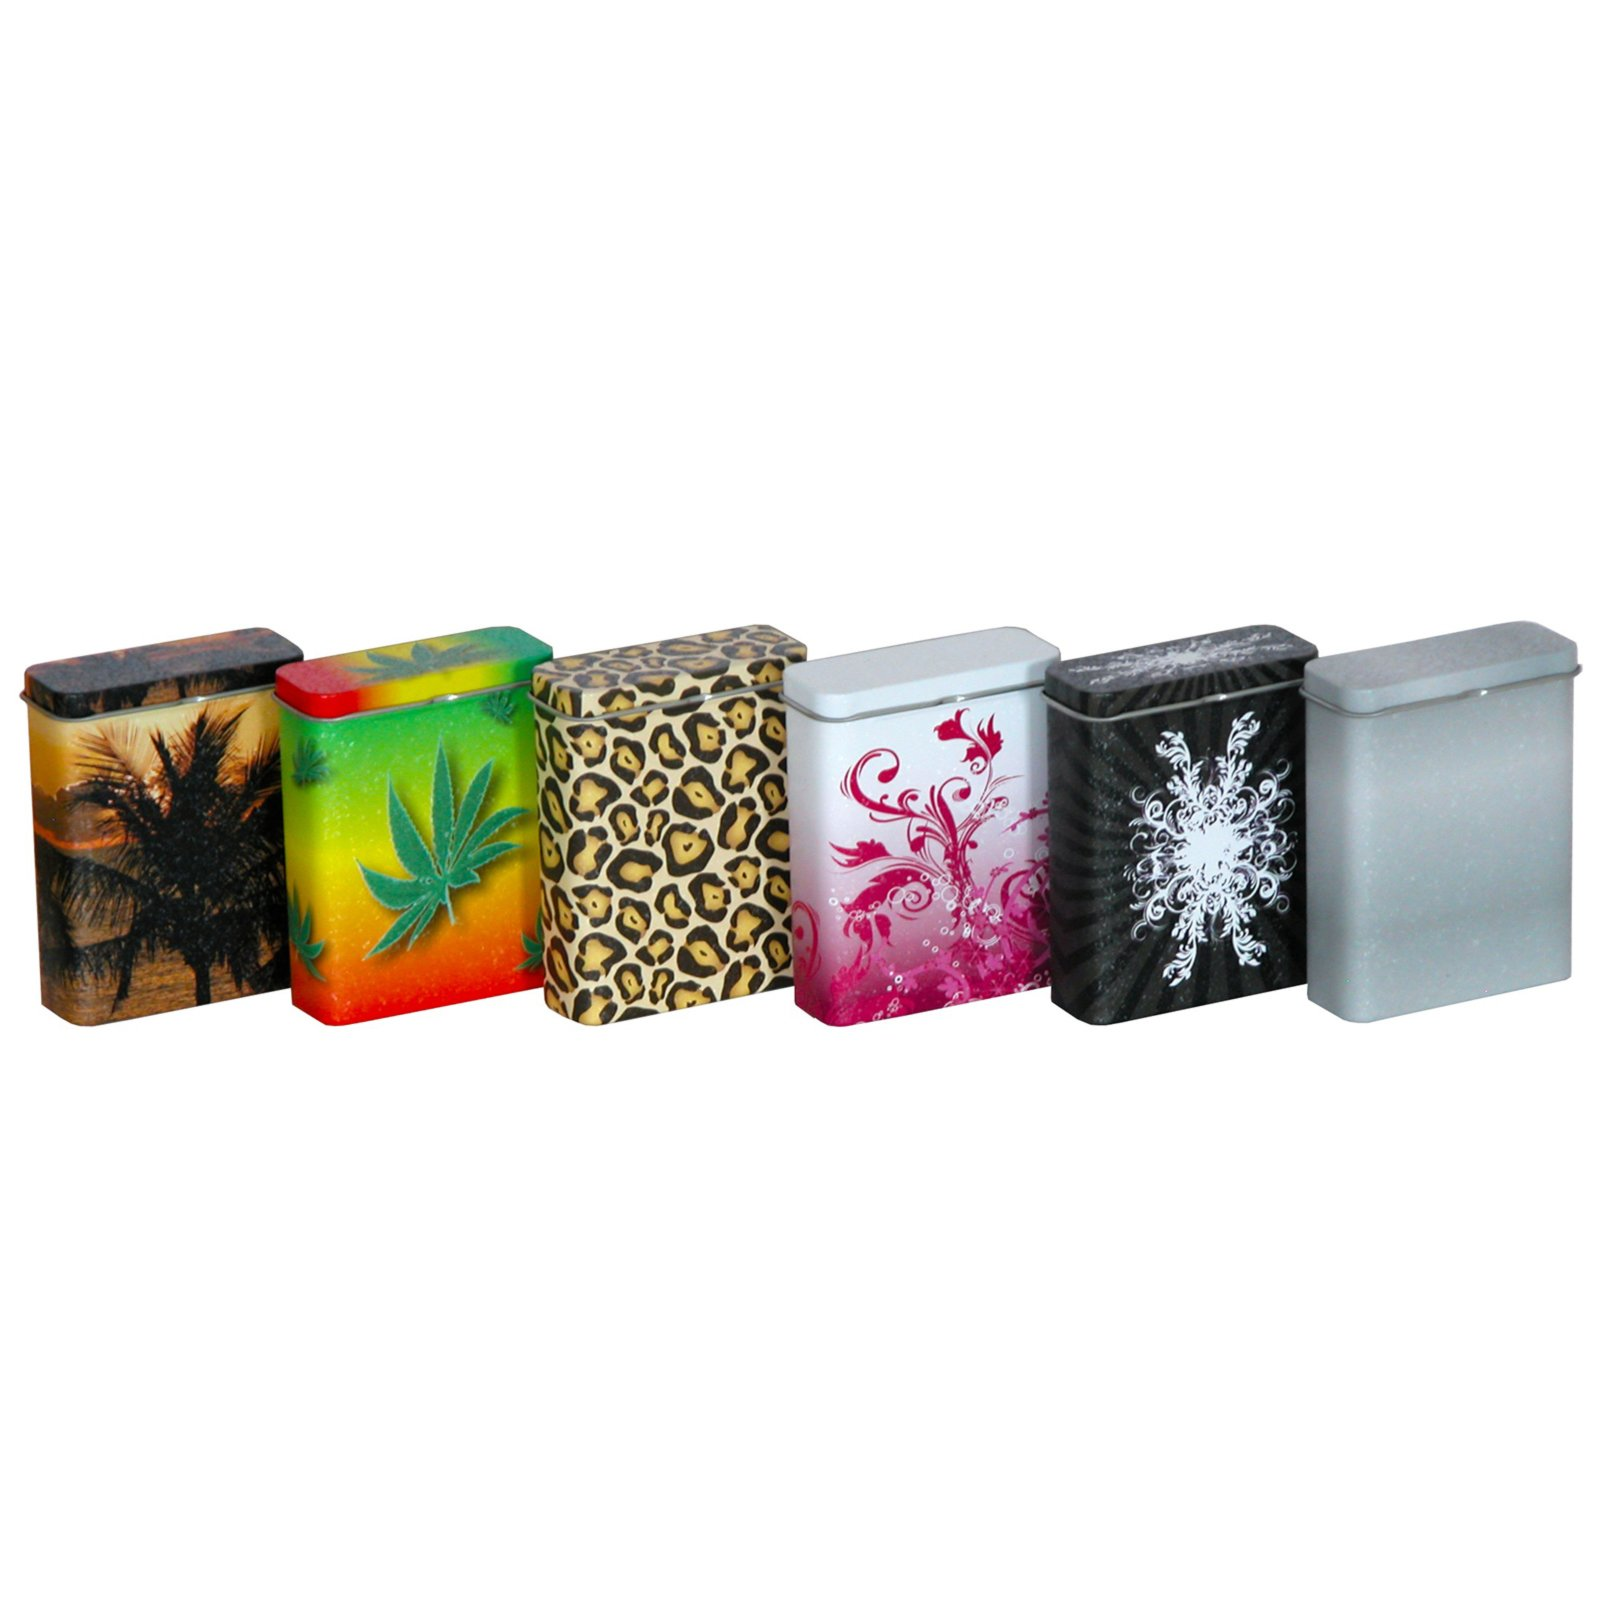 Zigaretten Box Verschiedene Designs Nebensortiment In